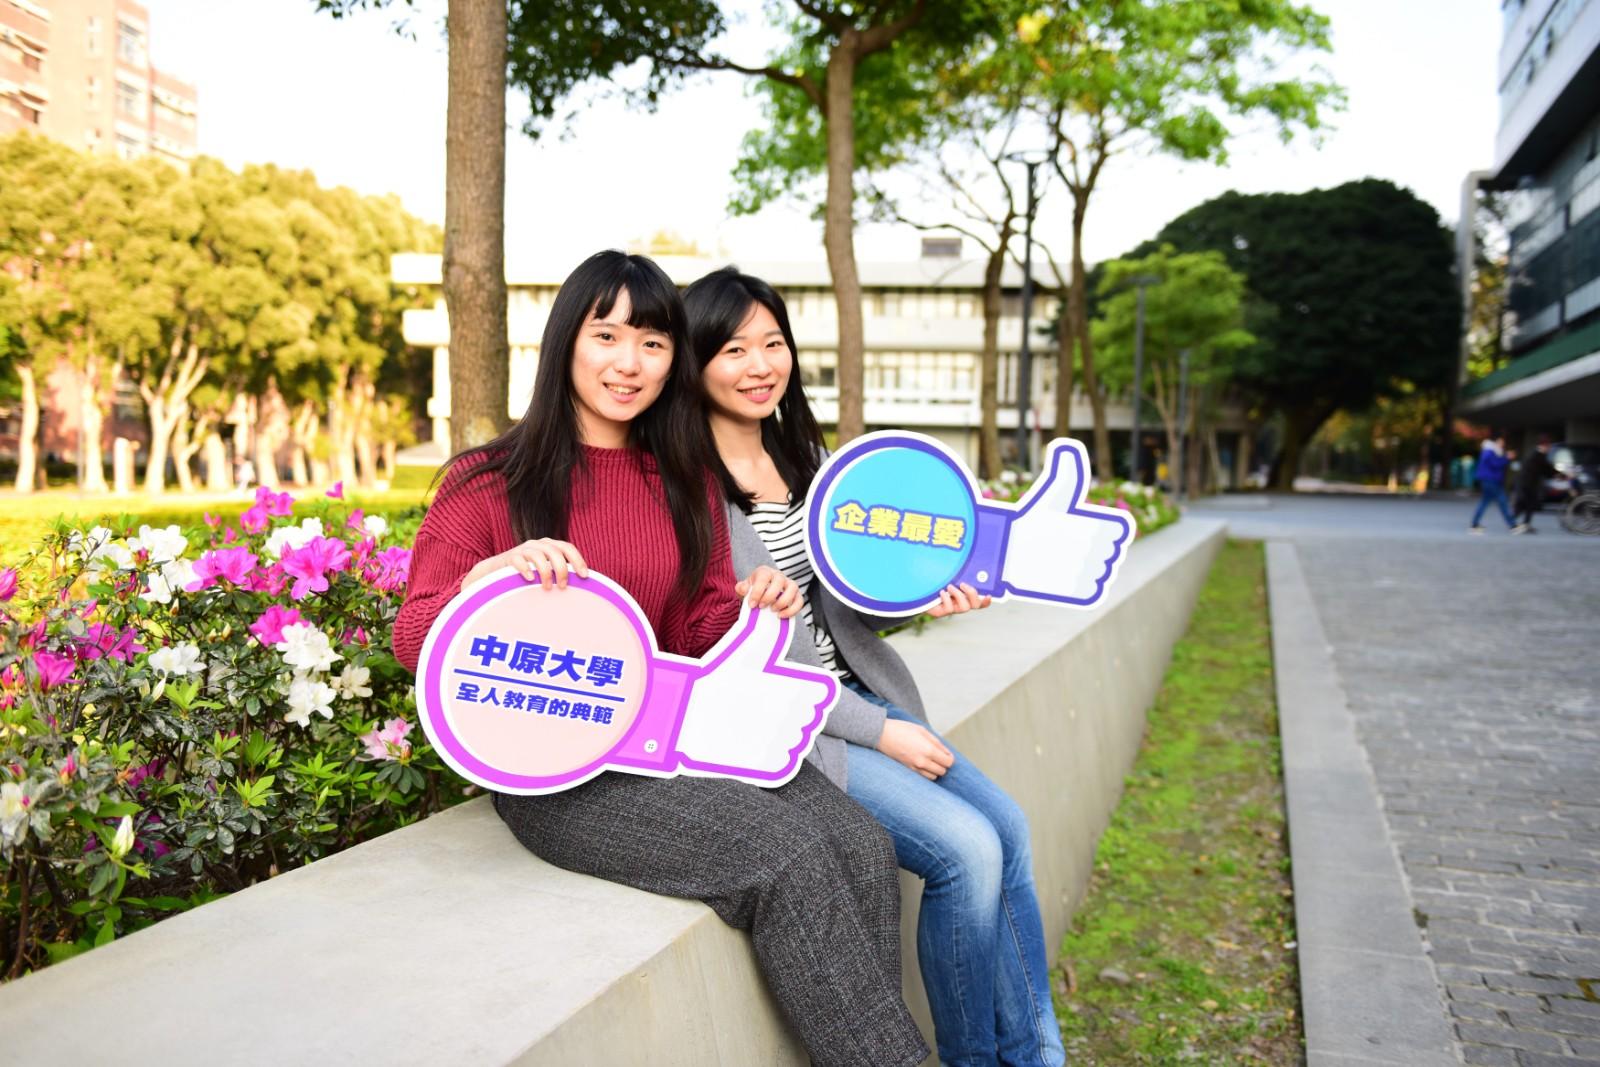 中原大學積極培養學生成為兼具知識與品格之知識分子,獲得「企業最愛大學」好評。.jpg